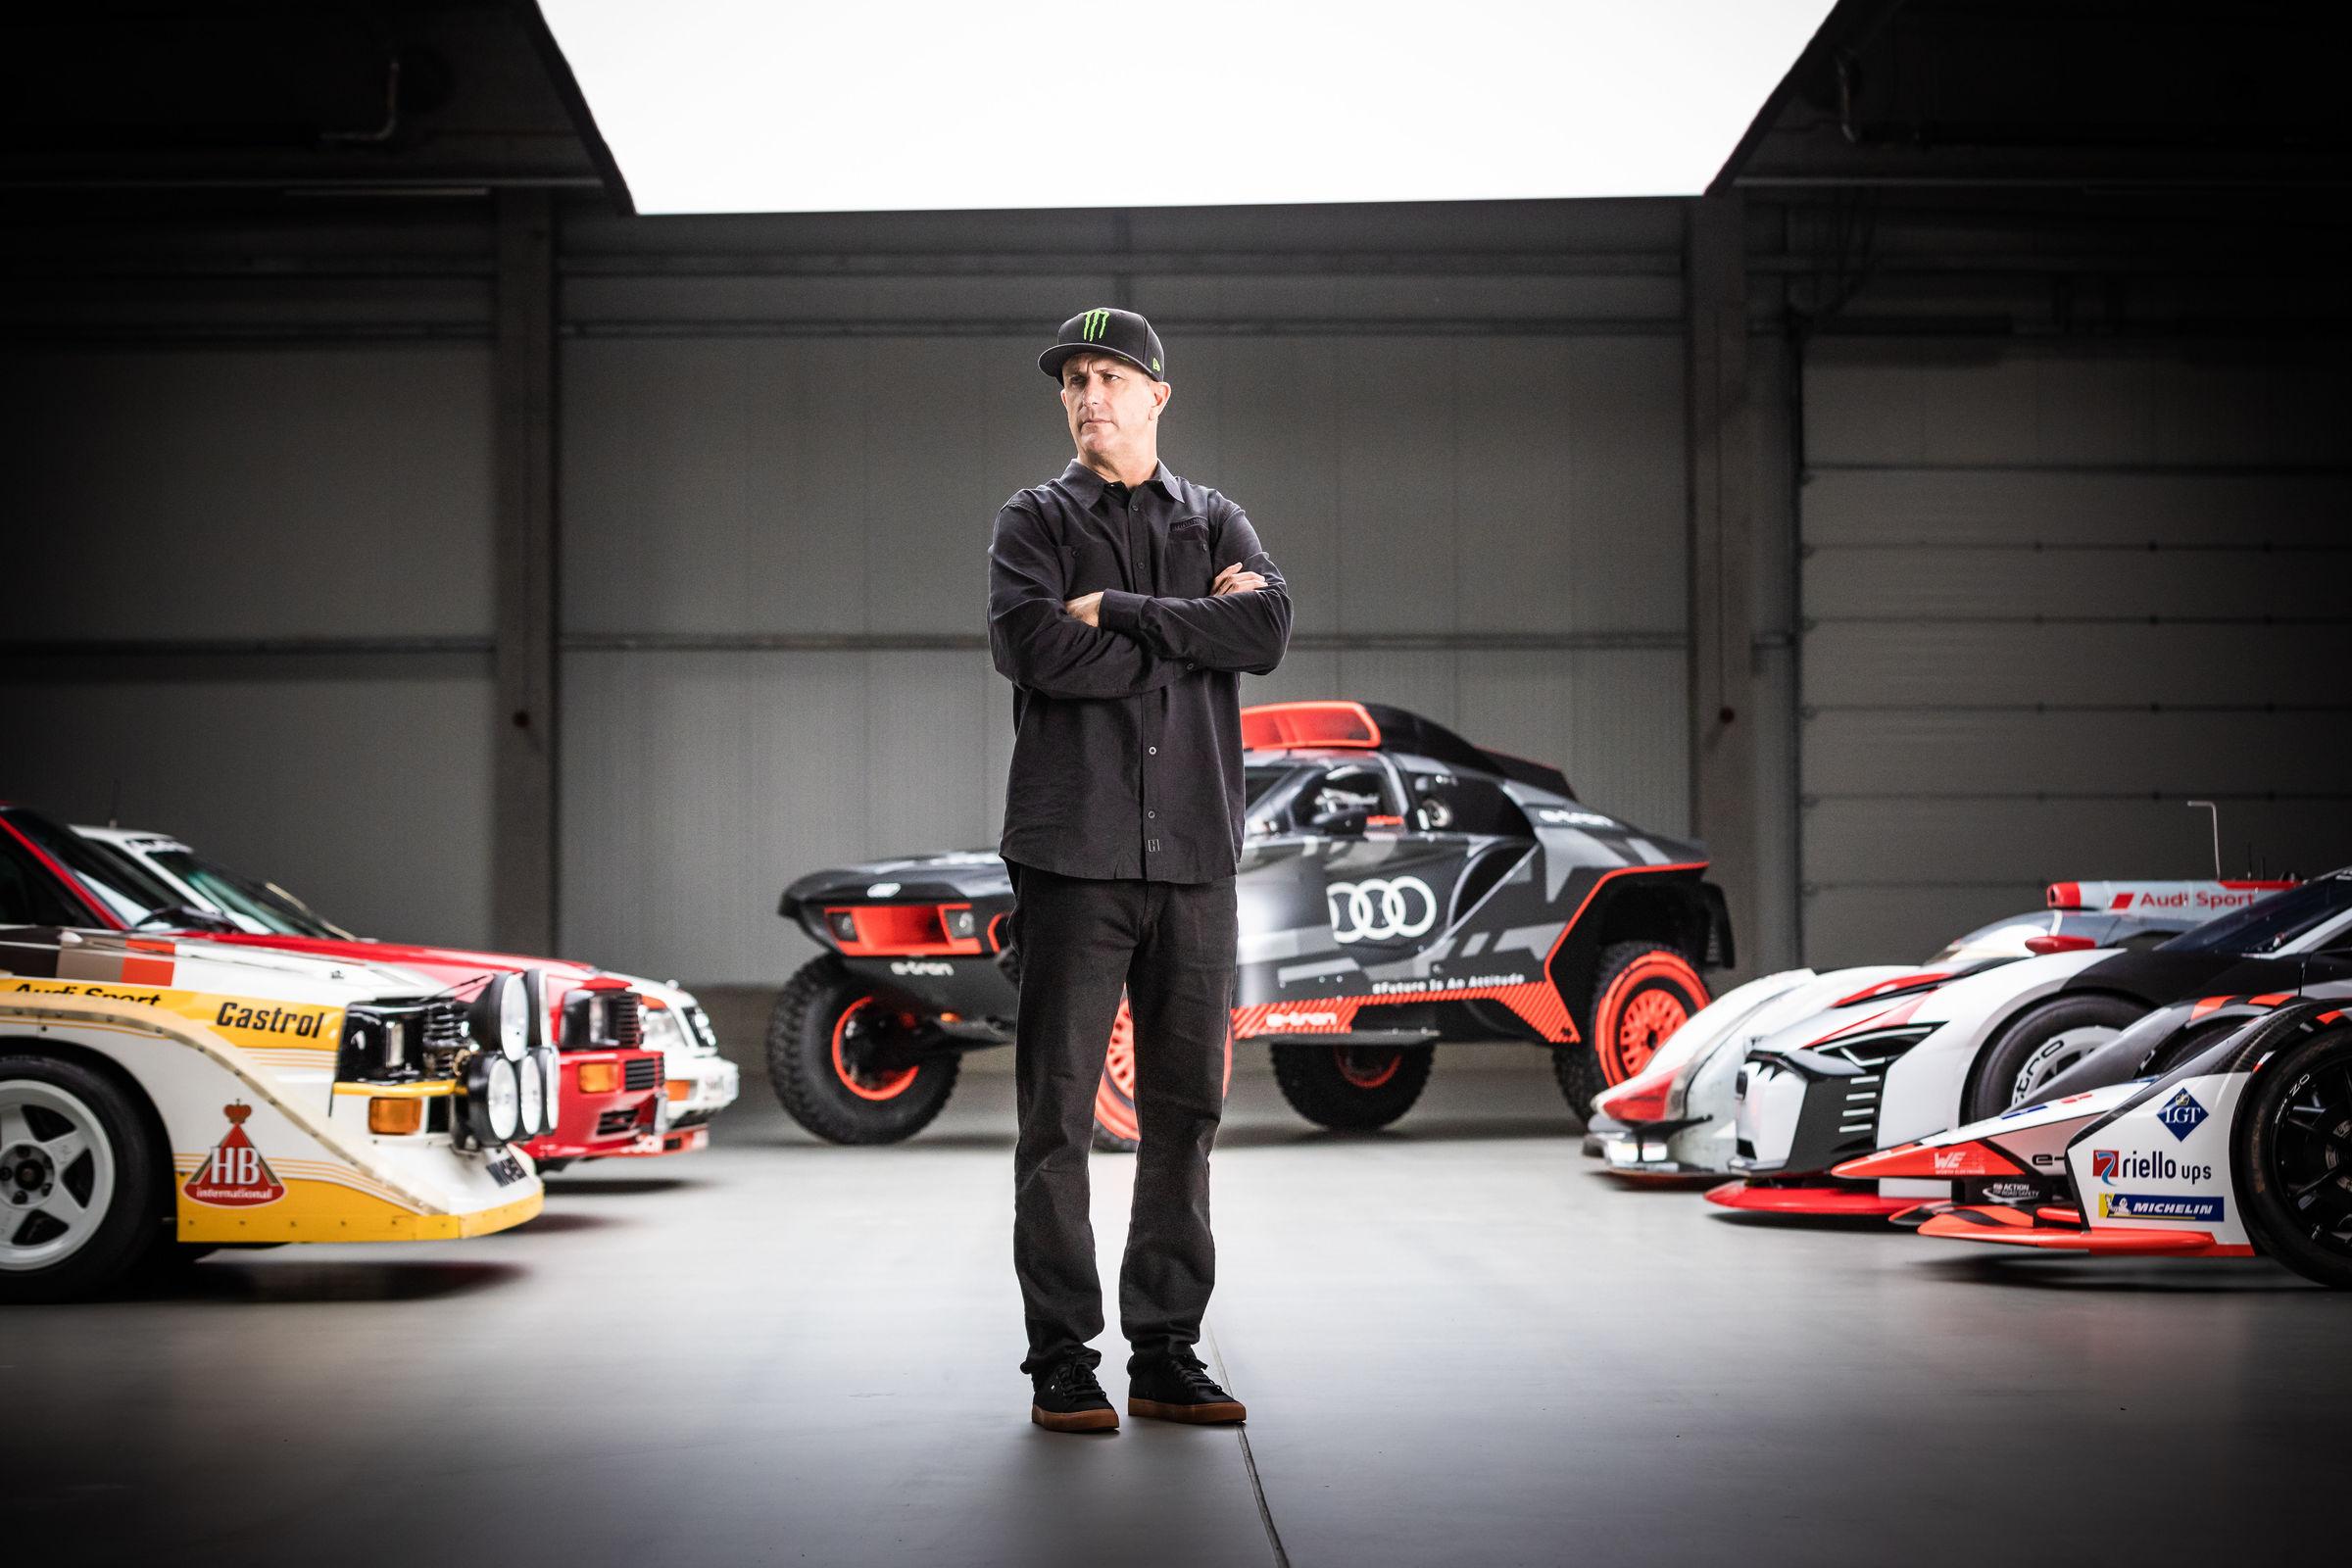 Ken Block EV projeleri için Audi ile ortaklık kurdu